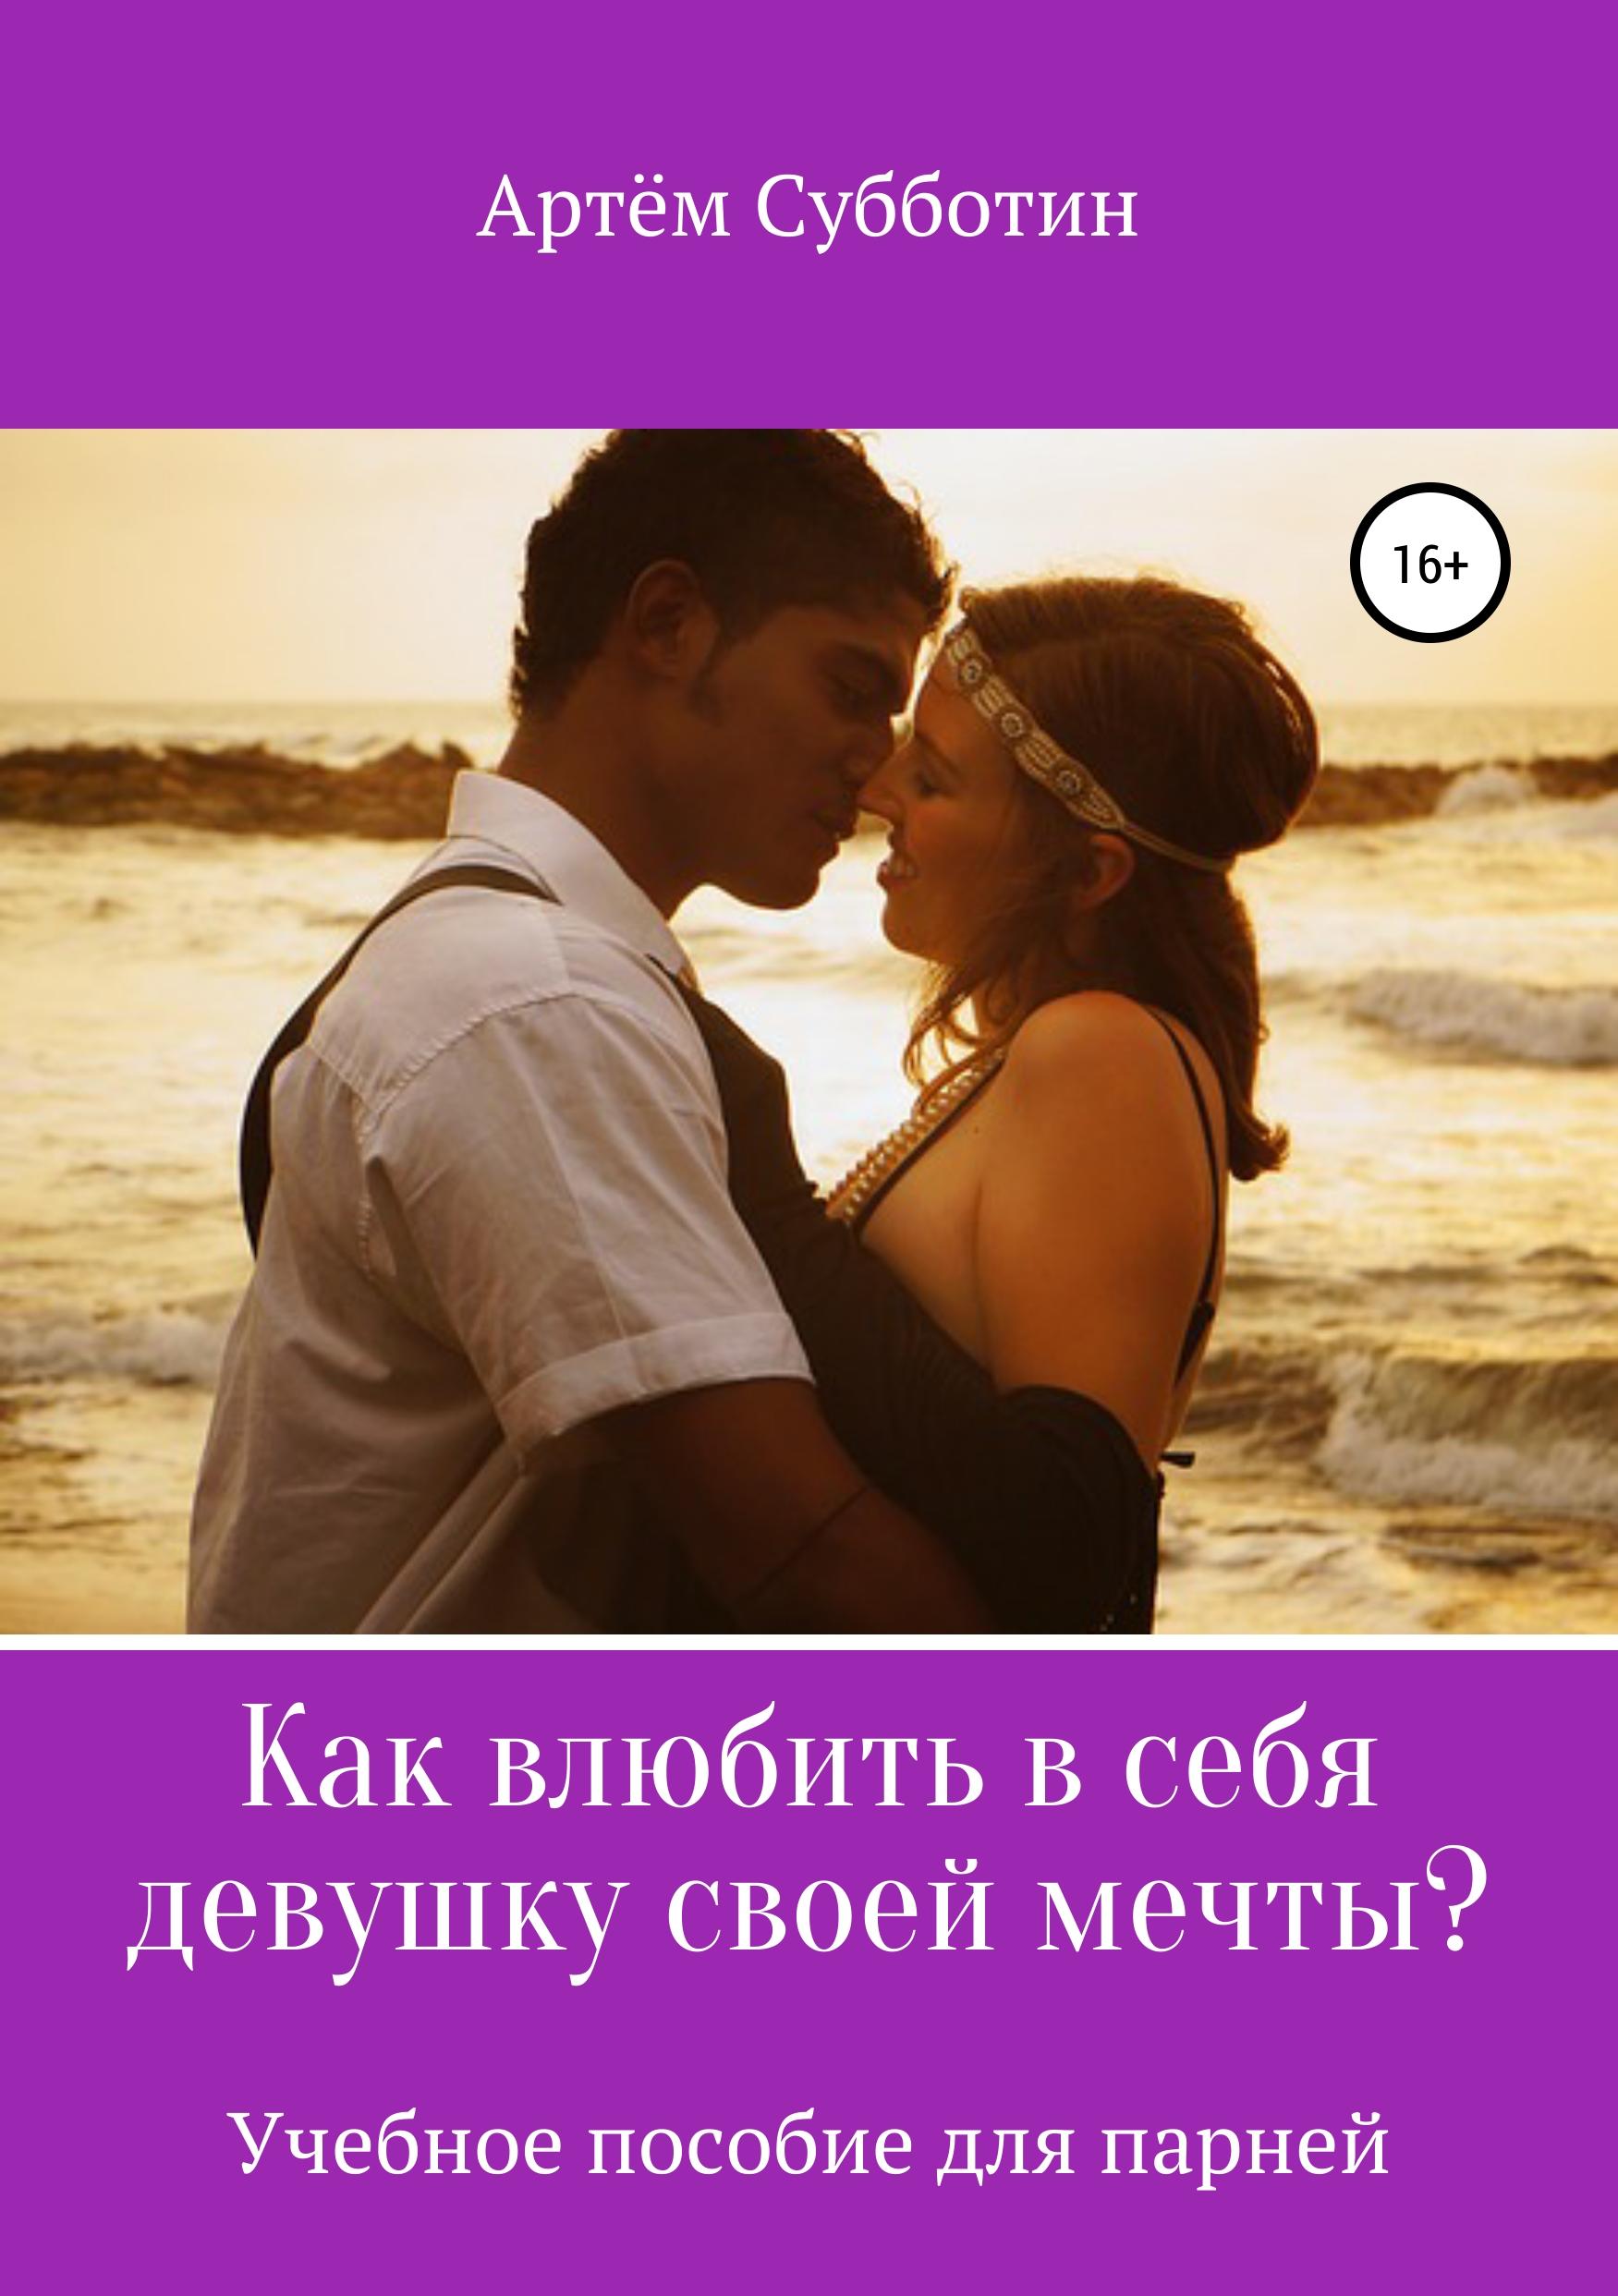 Как влюбить в себя девушку своей мечты?